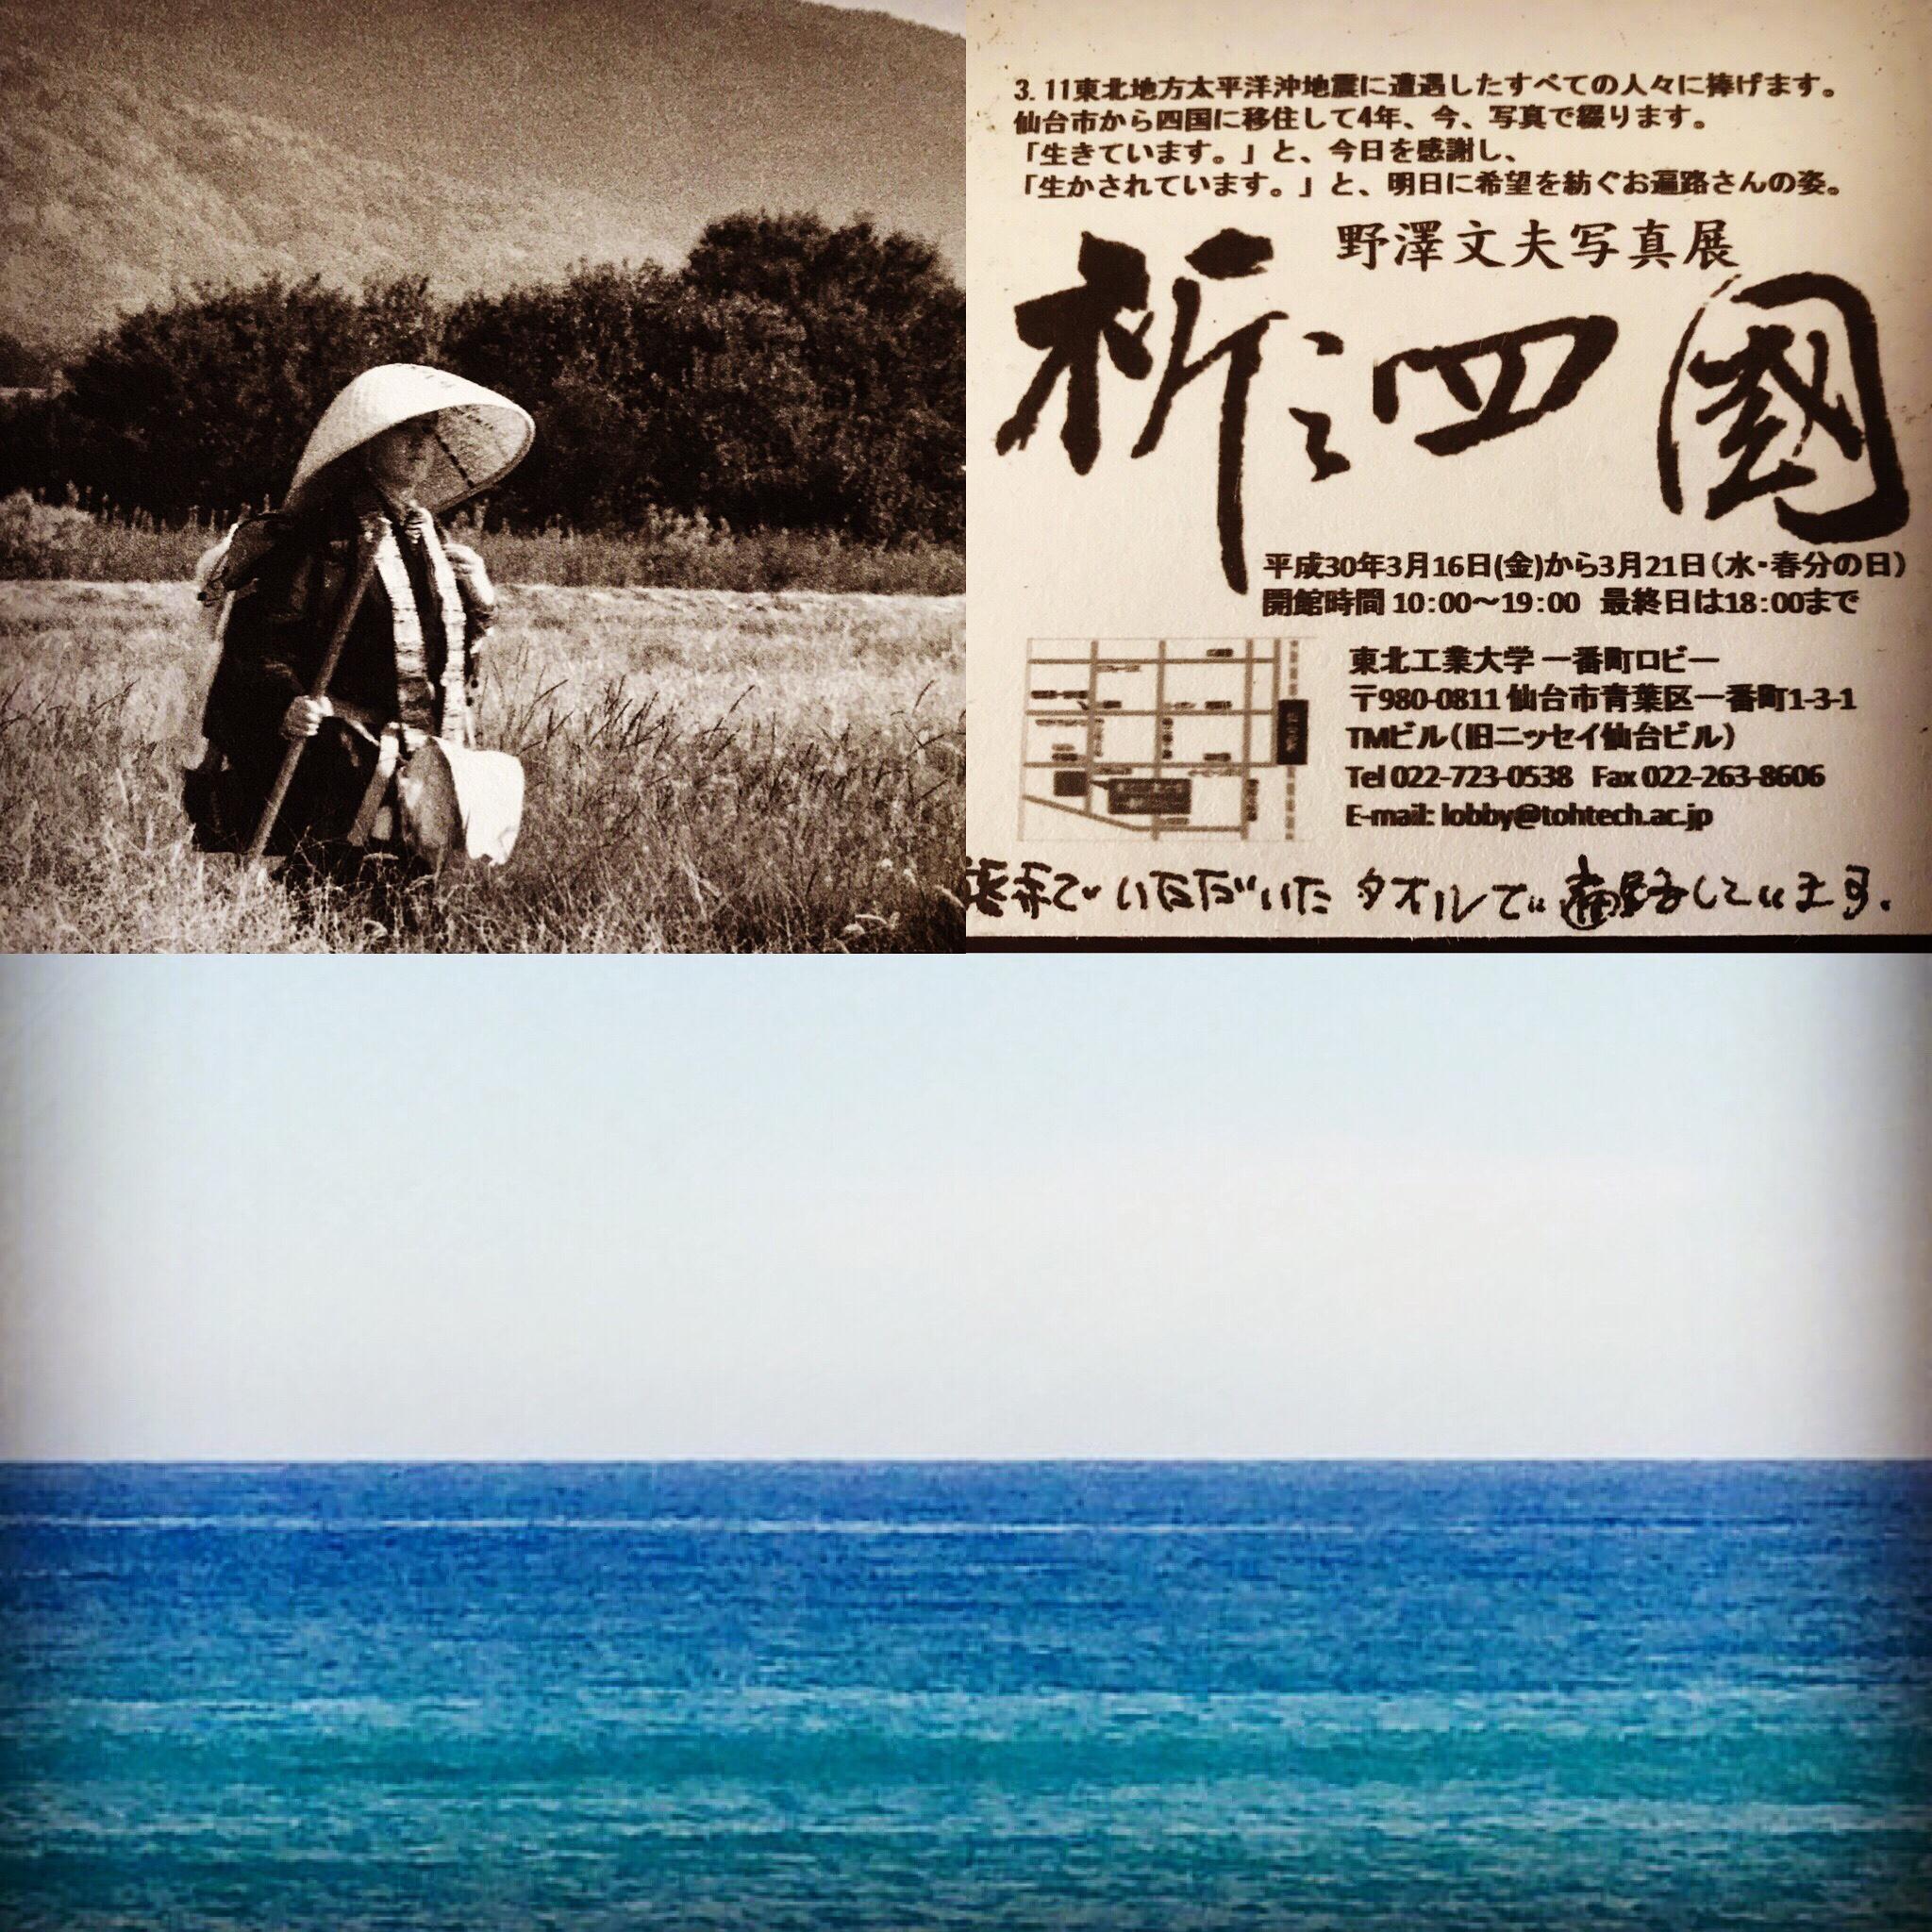 """野澤文夫氏写真展 """"祈りの四国"""" @東北"""